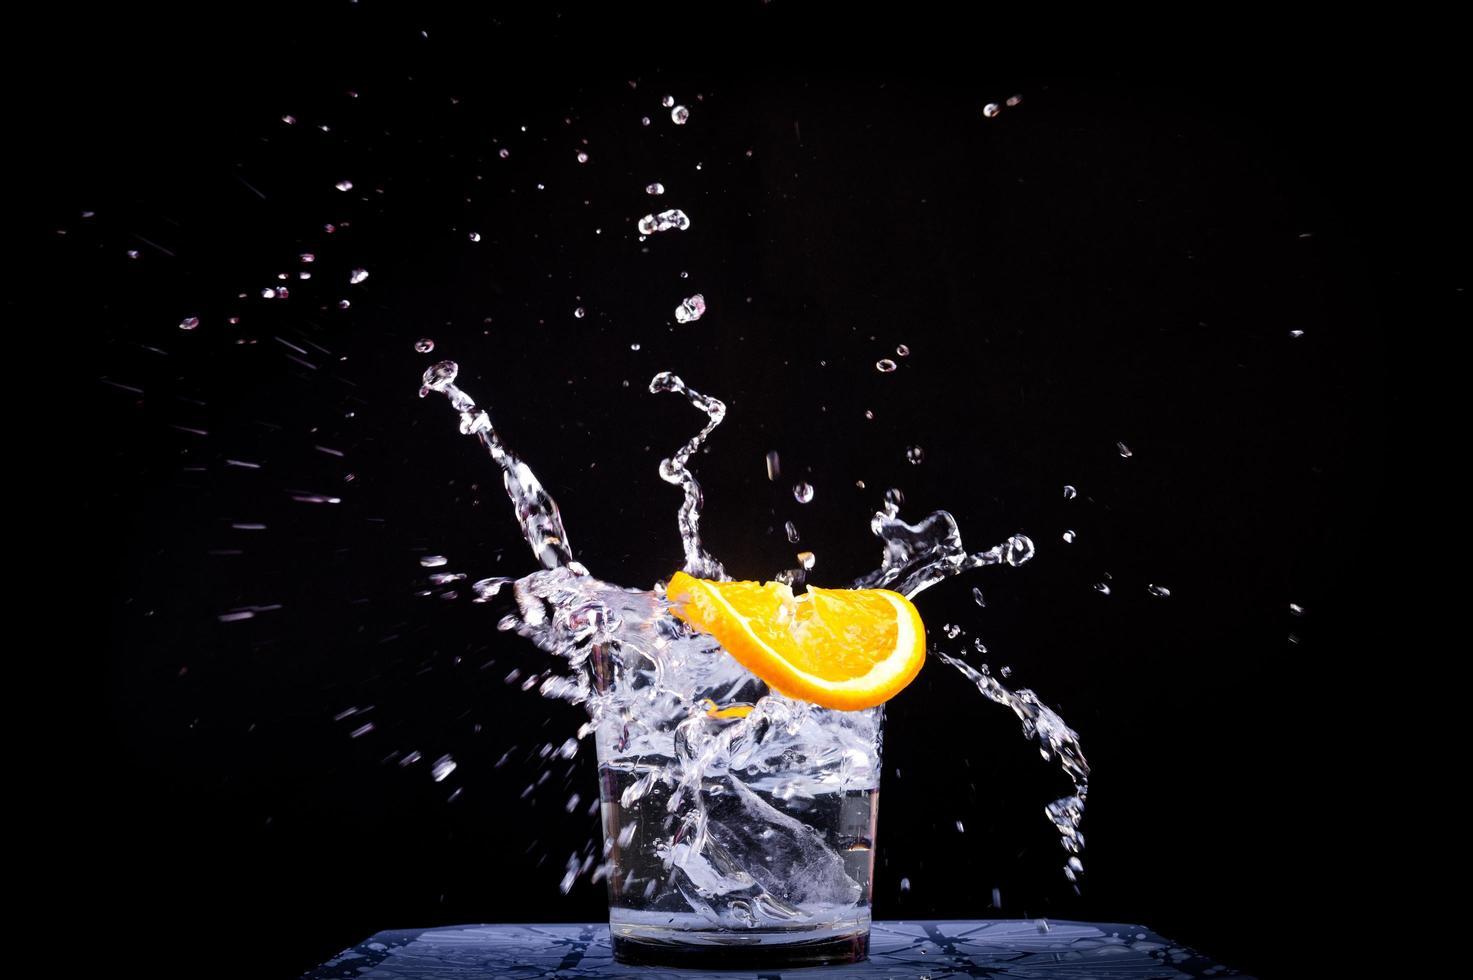 respingo de água em copo com limão cortado foto